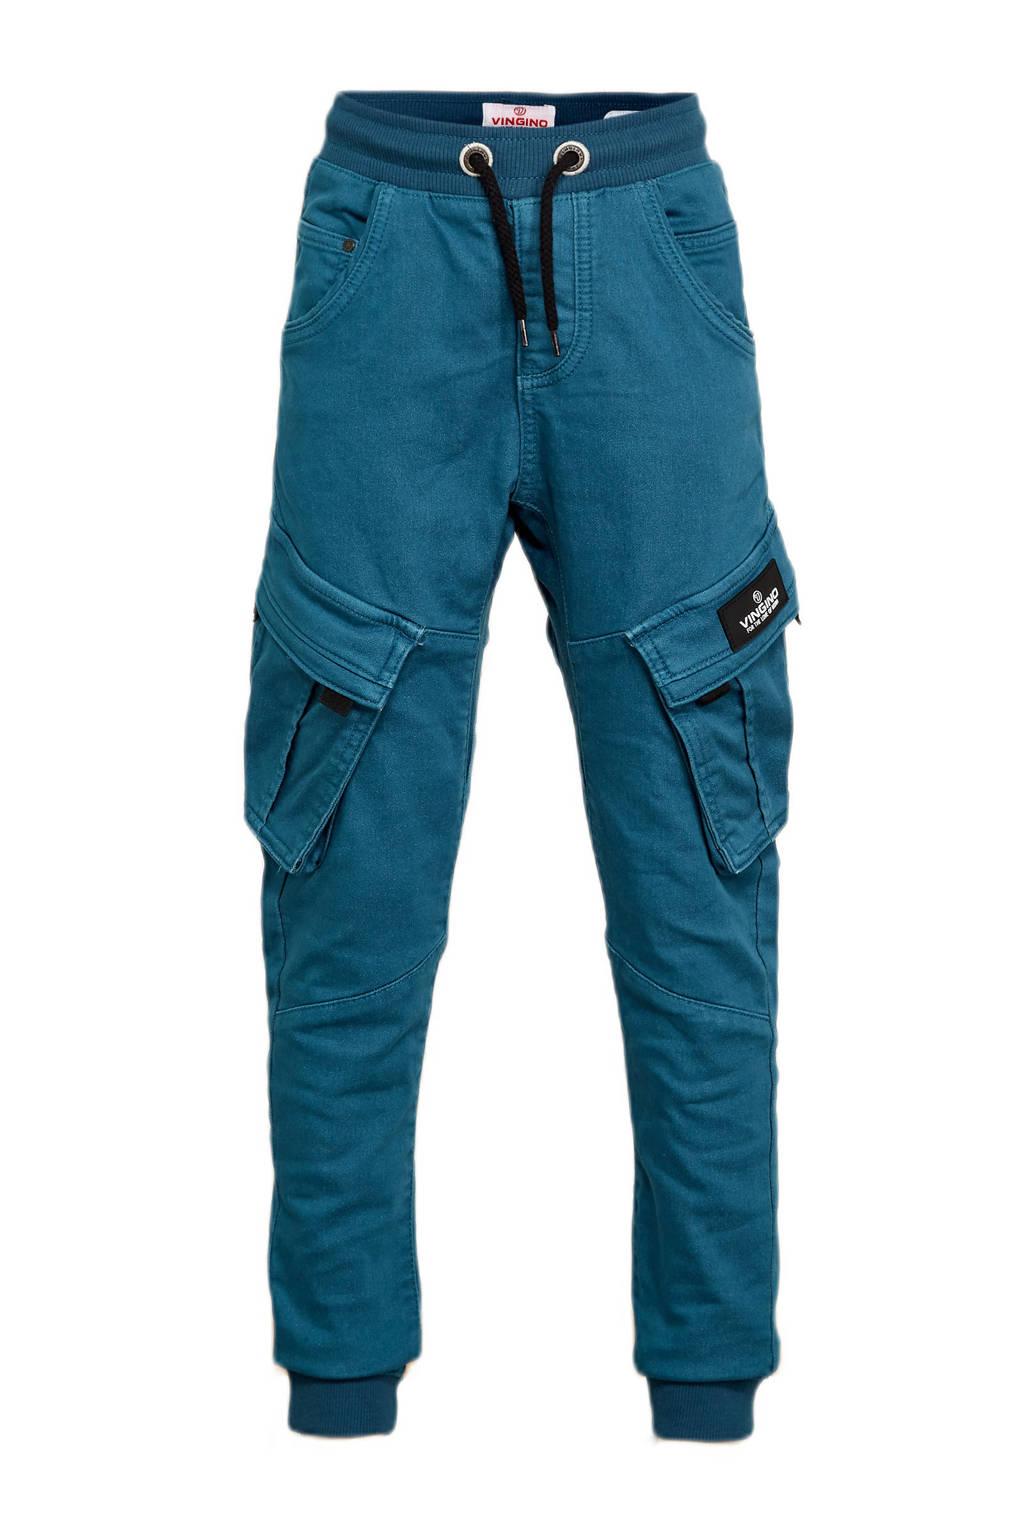 Vingino loose fit broek Carlos blauw, Blauw